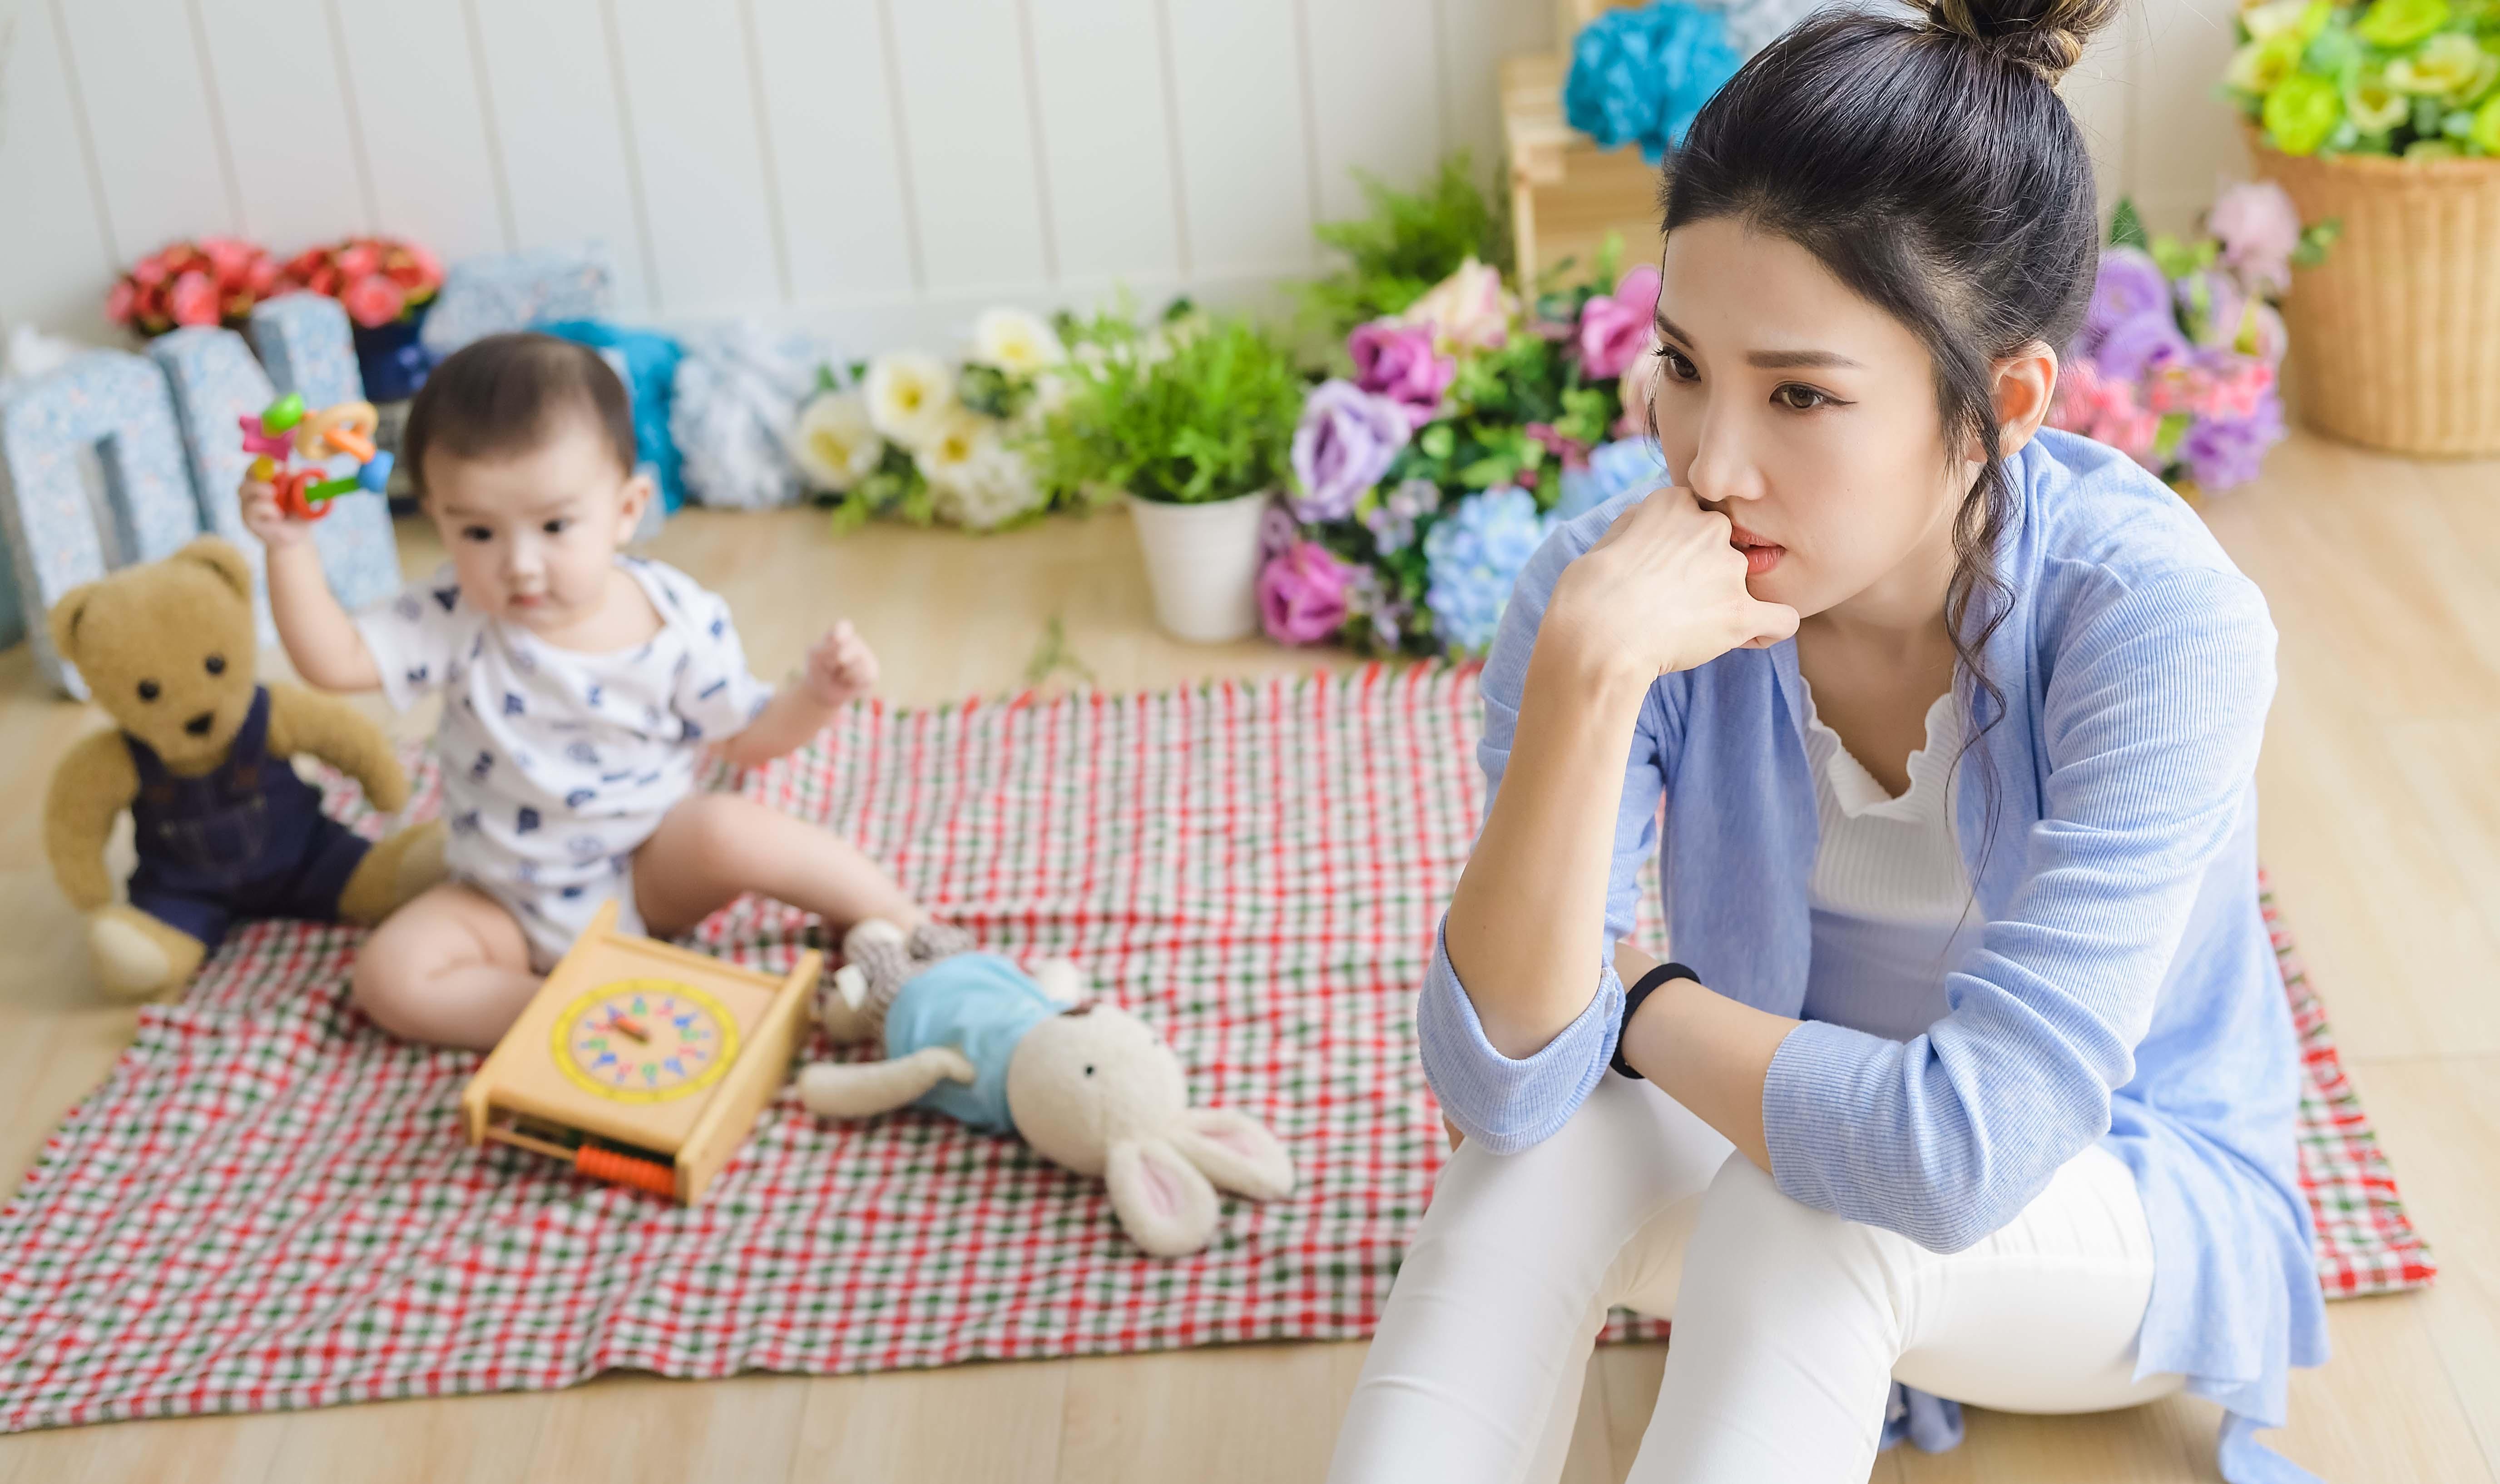 美國爆紅貝琪博士:孩子的問題,跟藏在爸媽心裡的那個自己有關